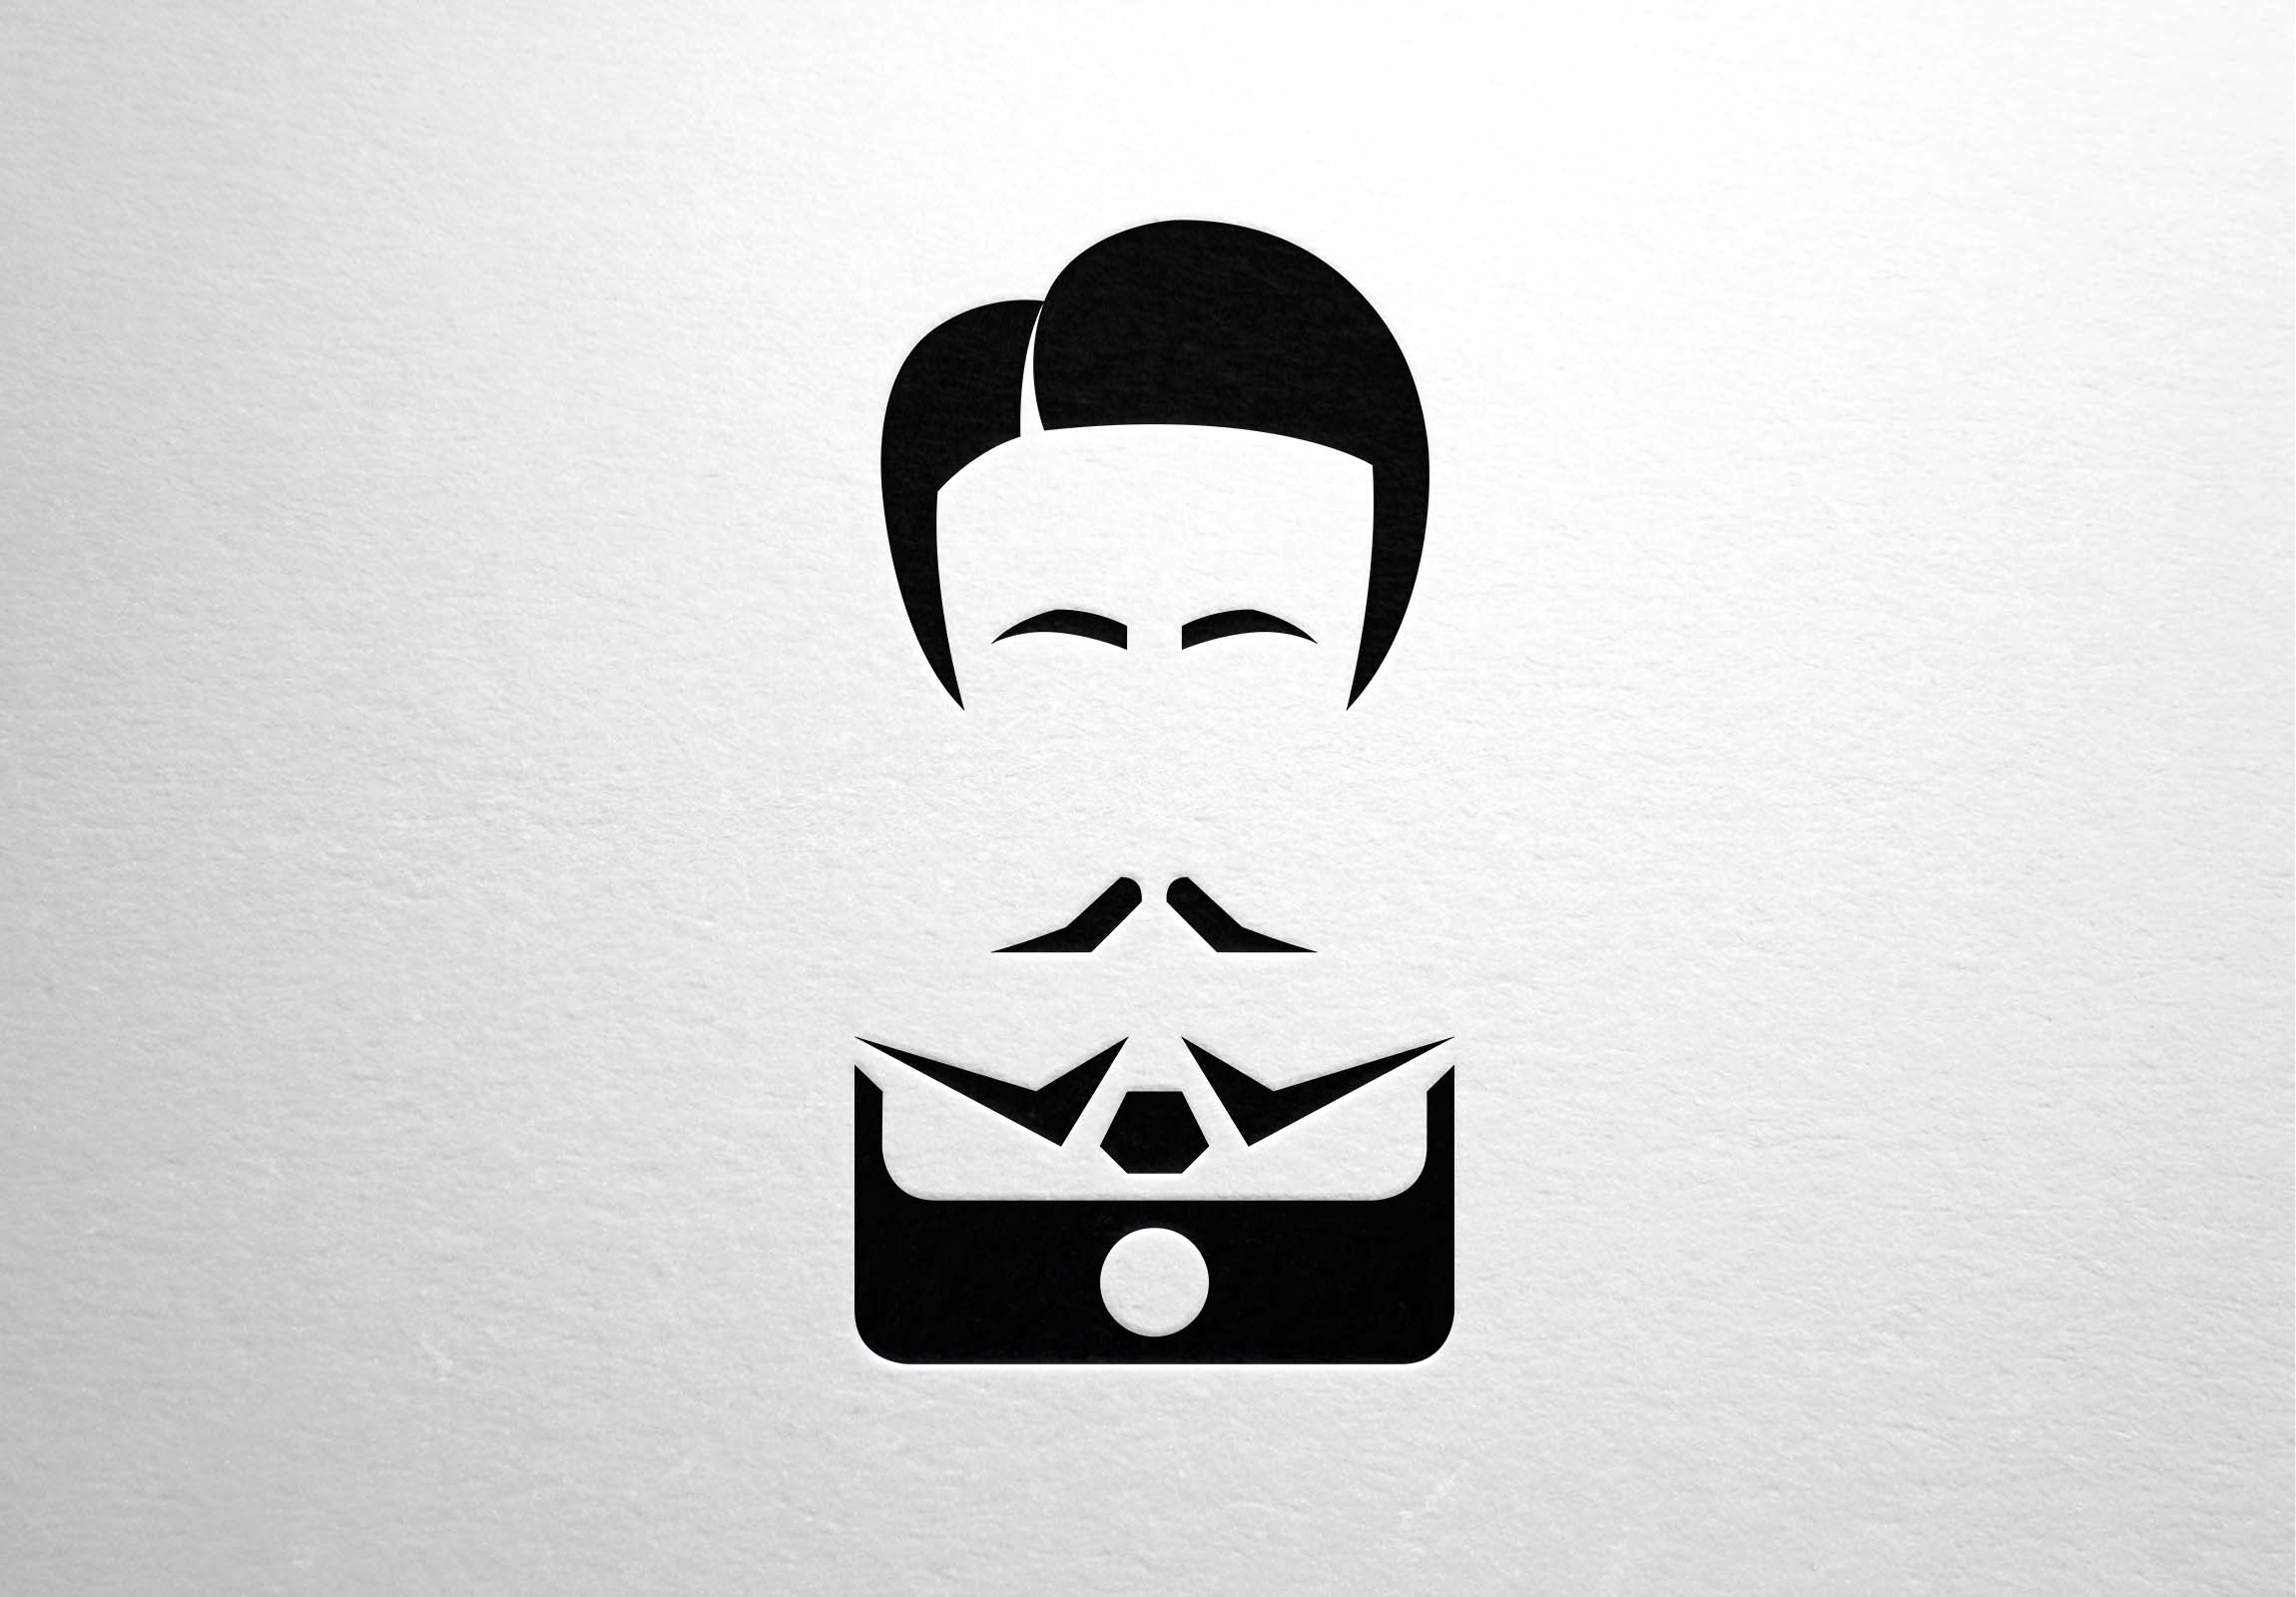 Разработка Логотипа 6 000 руб. фото f_68558f88de006f16.jpg